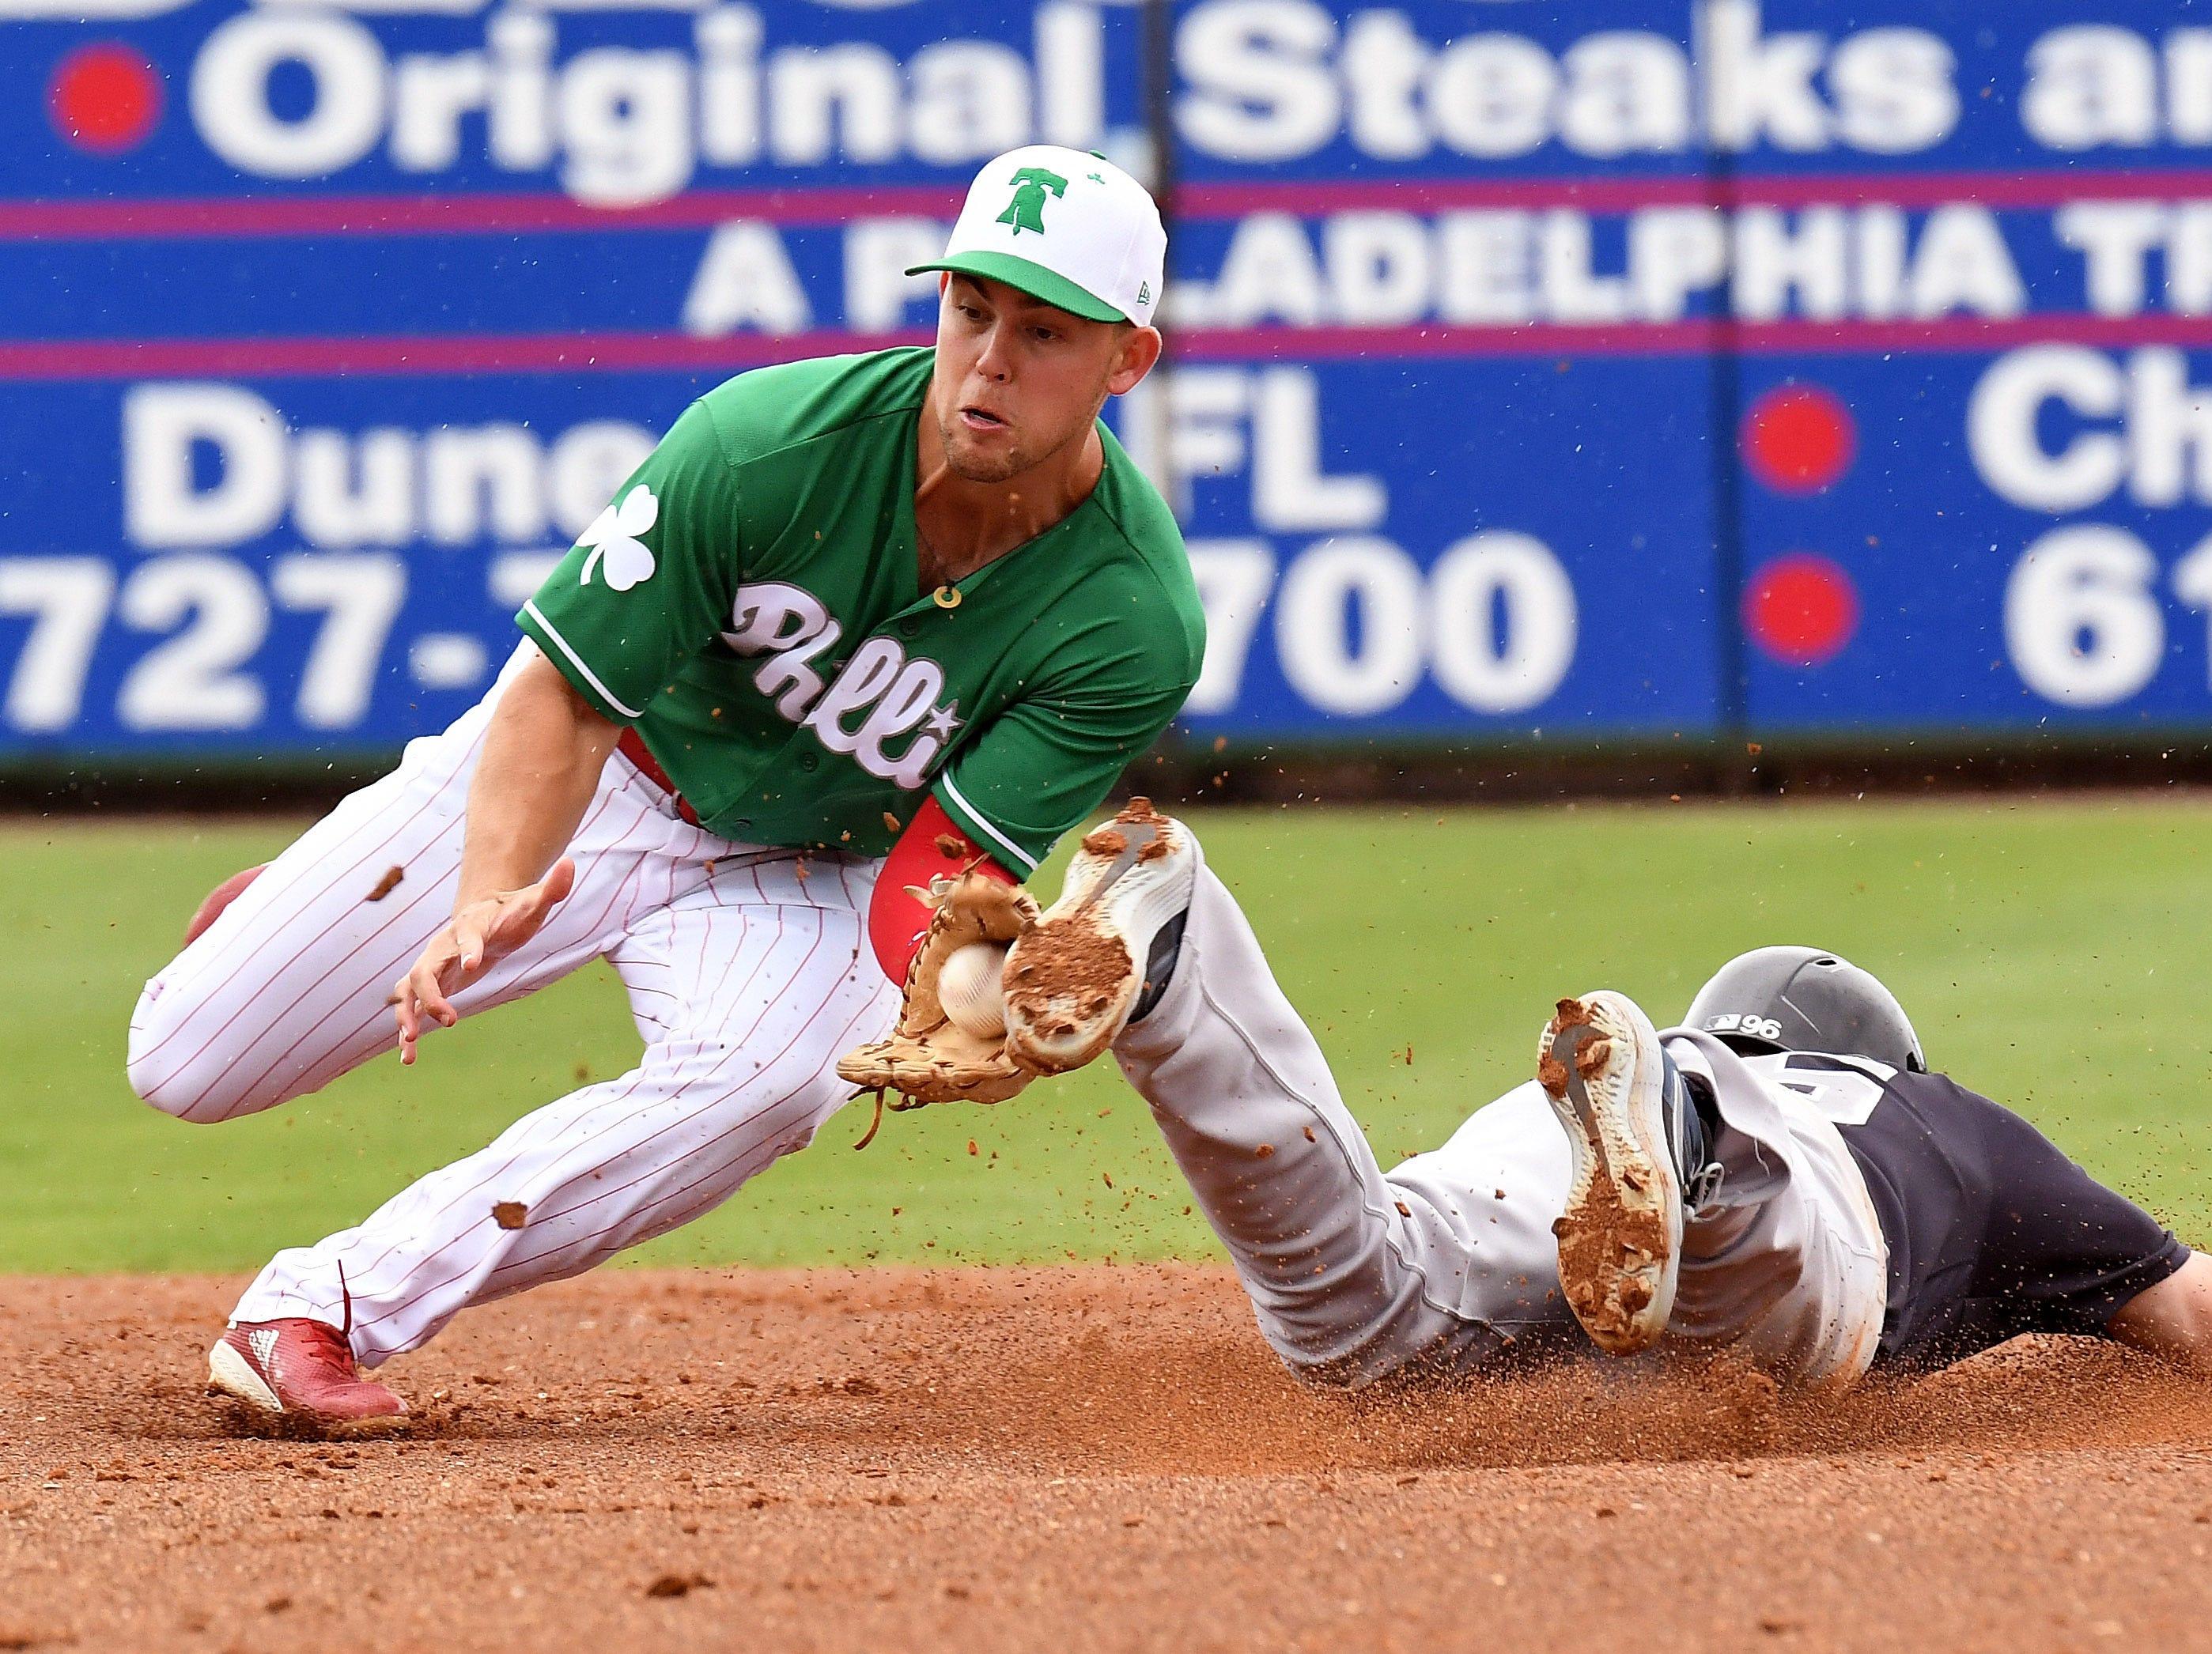 March 17: Phillies infielder Scott Kingery fields a throw as Yankees outfielder Matt Lipka slides into second.